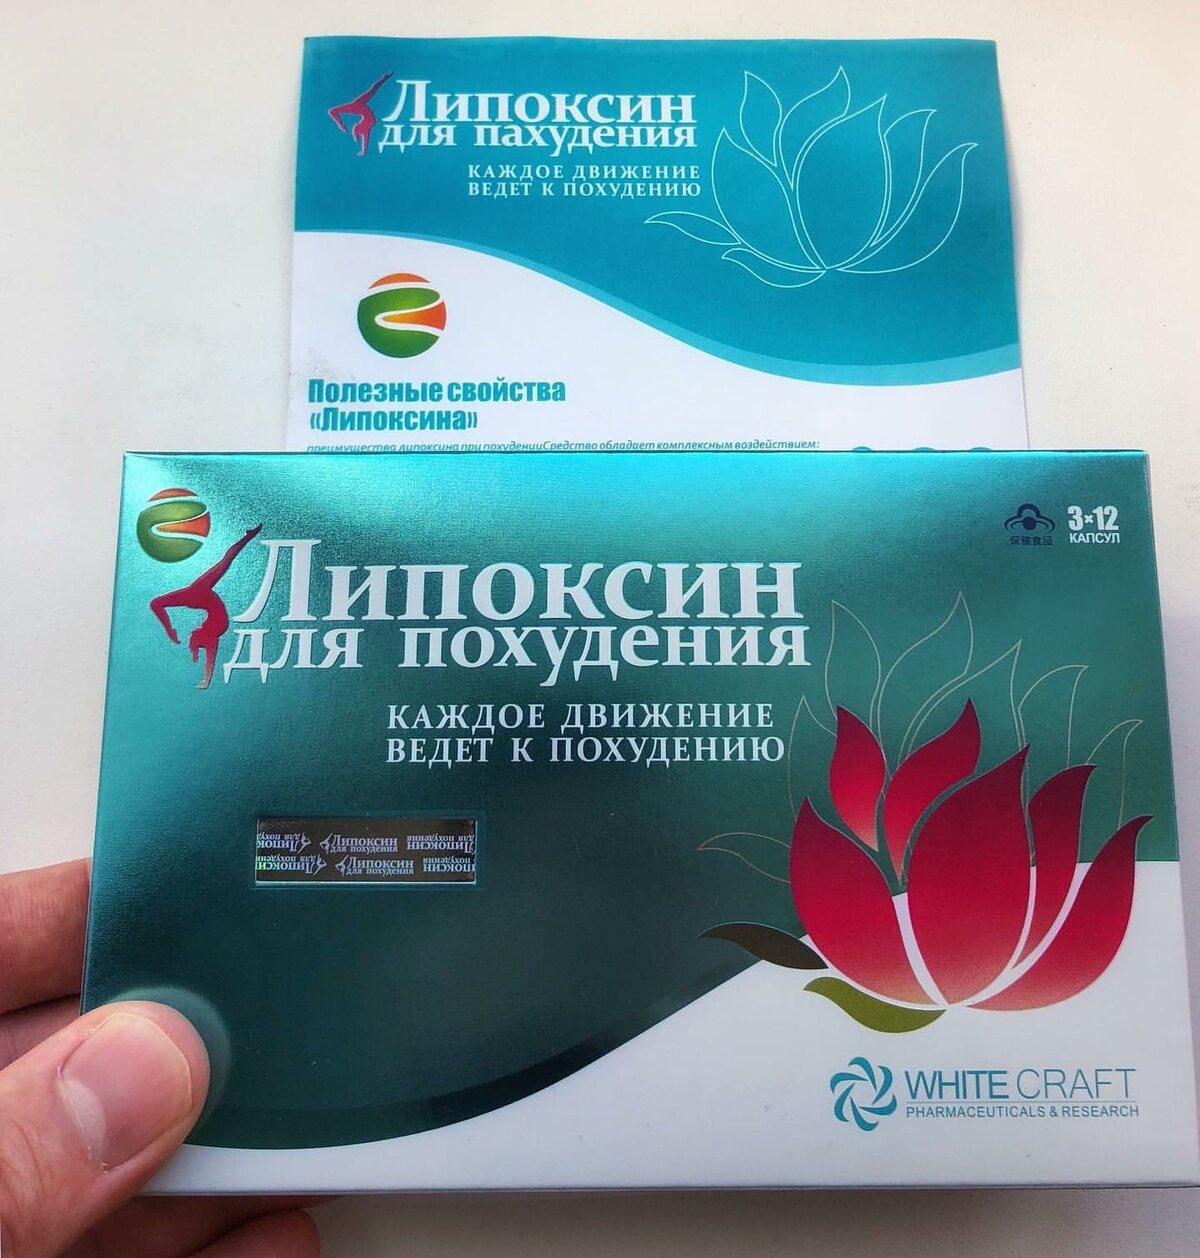 Средство для похудения Липоксин в Димитровграде